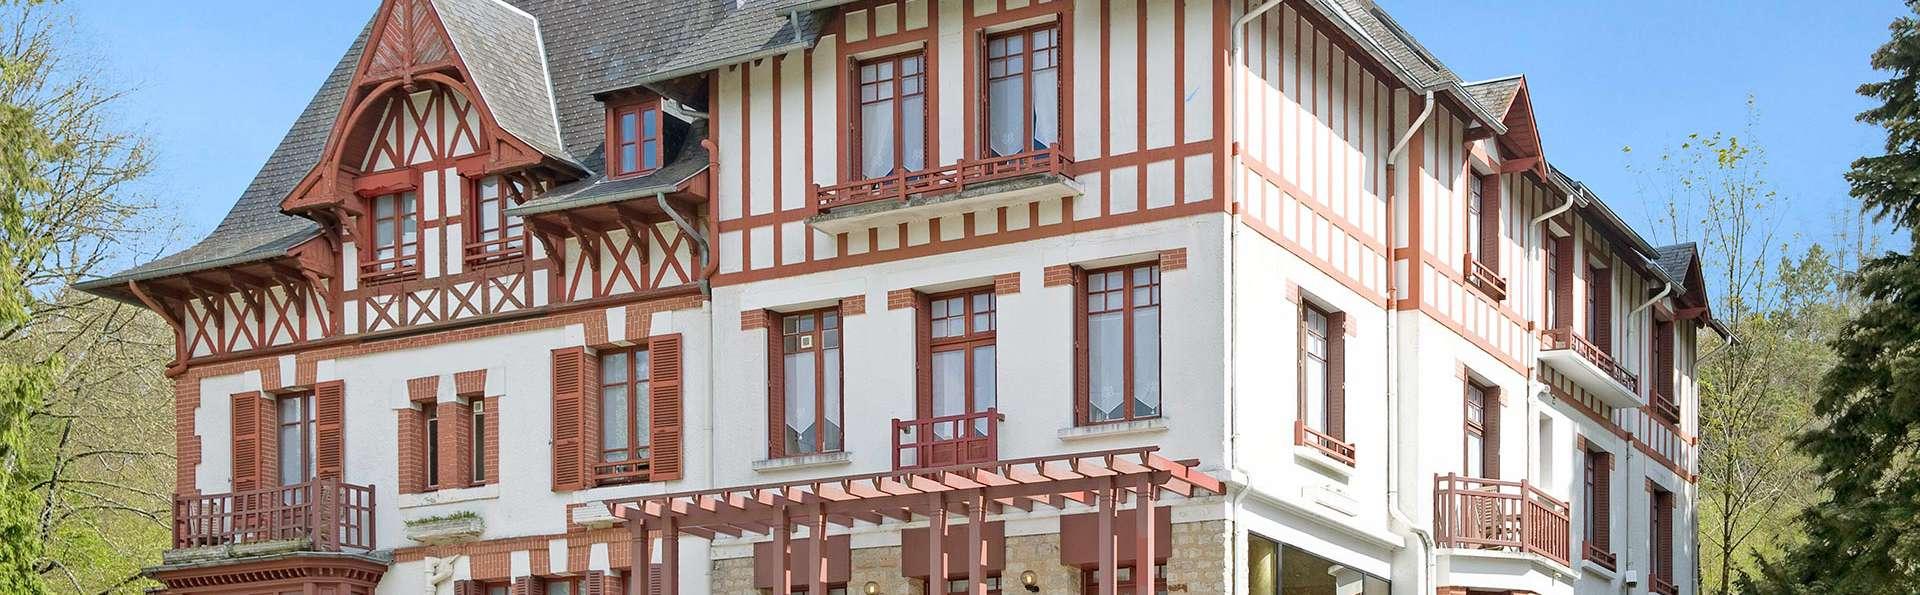 hotel normandie jacuzzi dans la chambre